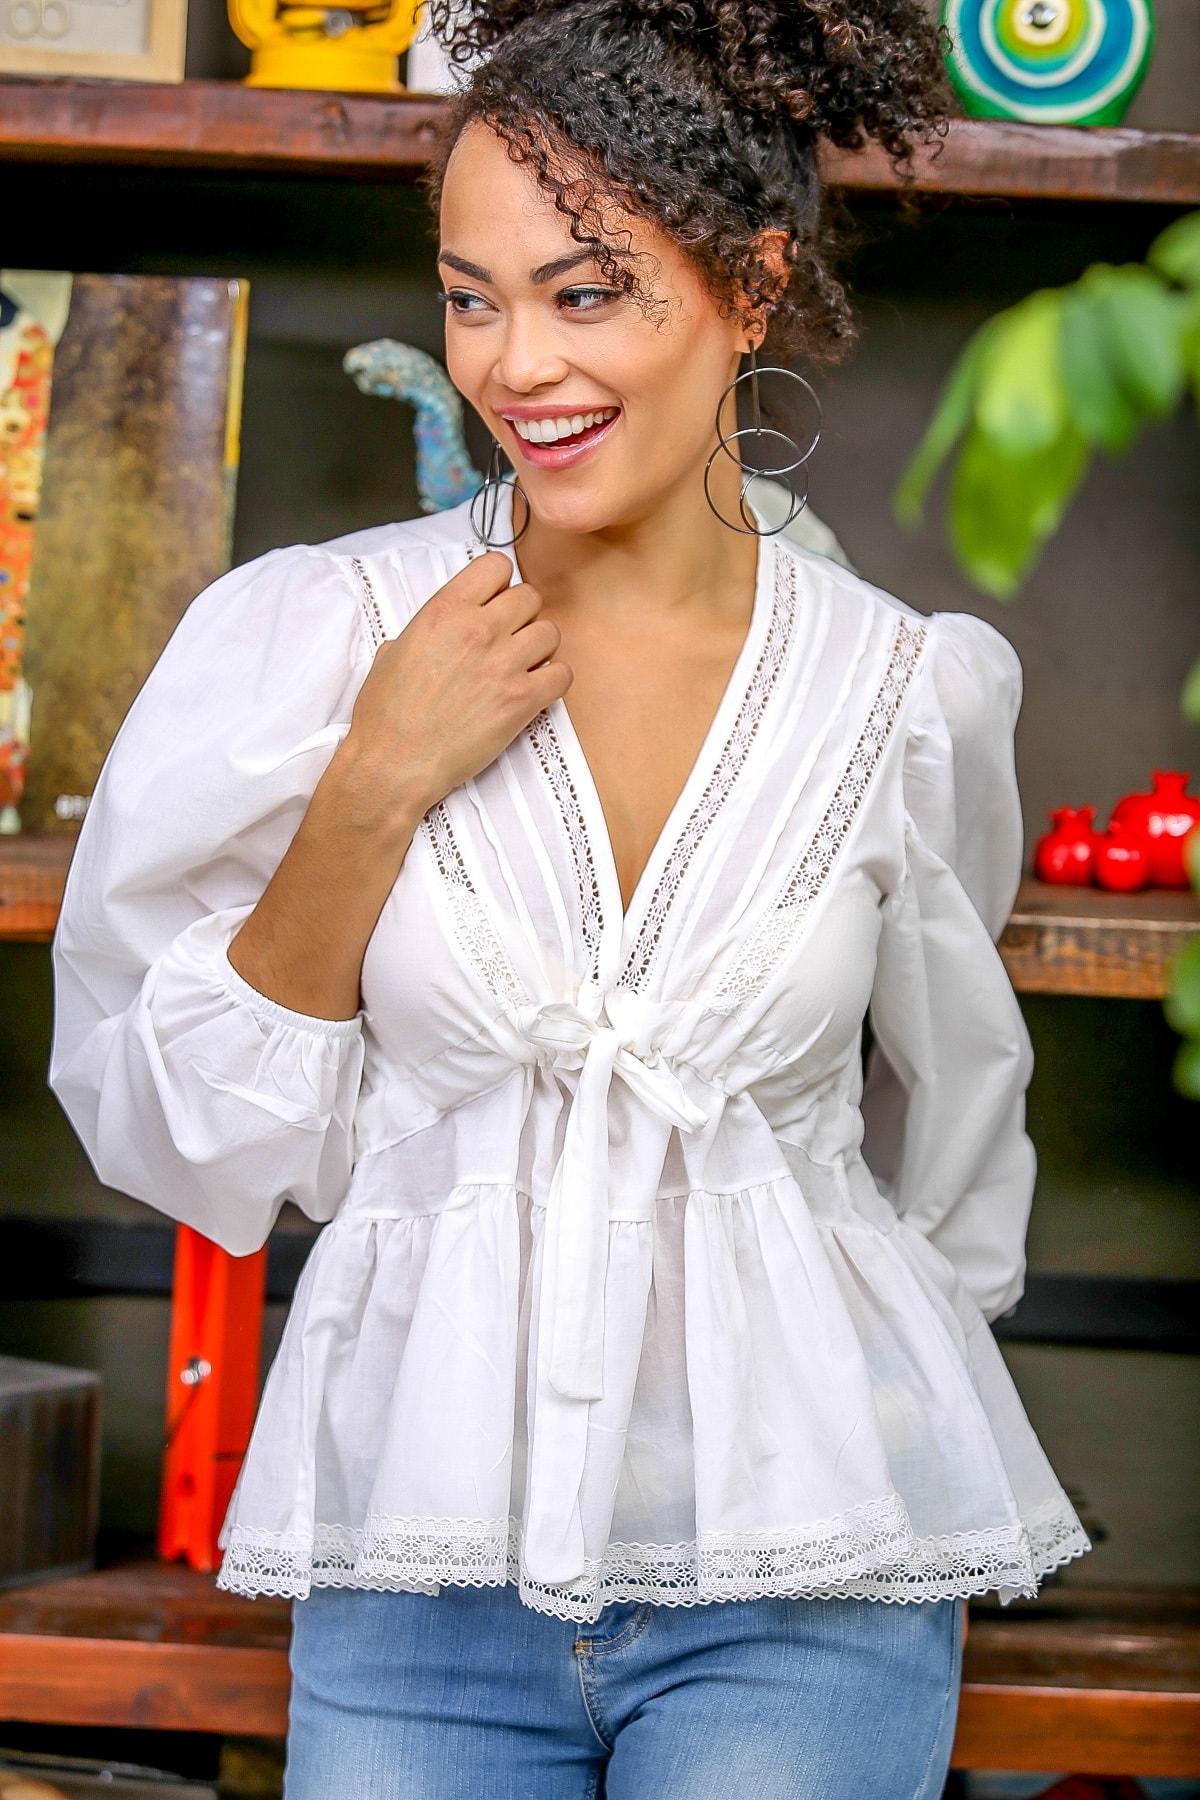 Chiccy Kadın Beyaz Dantel Detaylı V Yaka Bağlamalı Büzgülü Balon Kol Etek Ucu Dantel Bluz M10010200BL96381